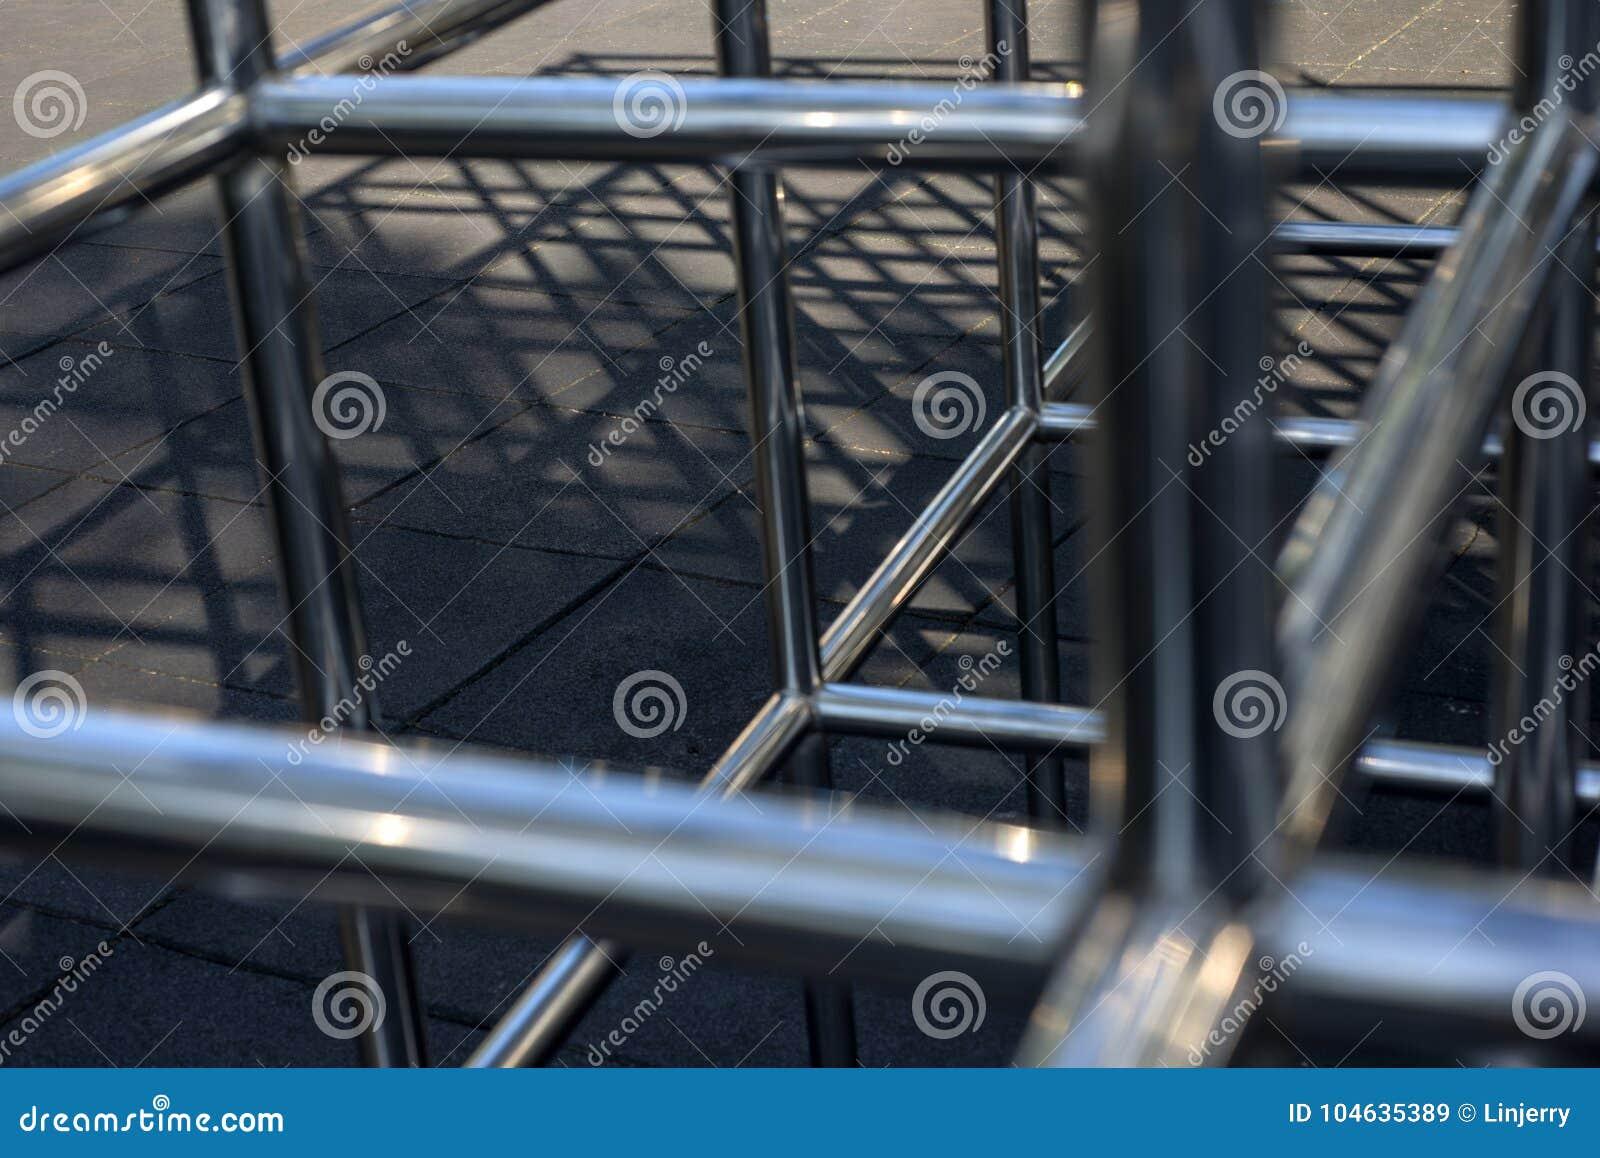 Download Een Beeld Van Wildernisgymnastiek Stock Afbeelding - Afbeelding bestaande uit aansluting, gymnastiek: 104635389